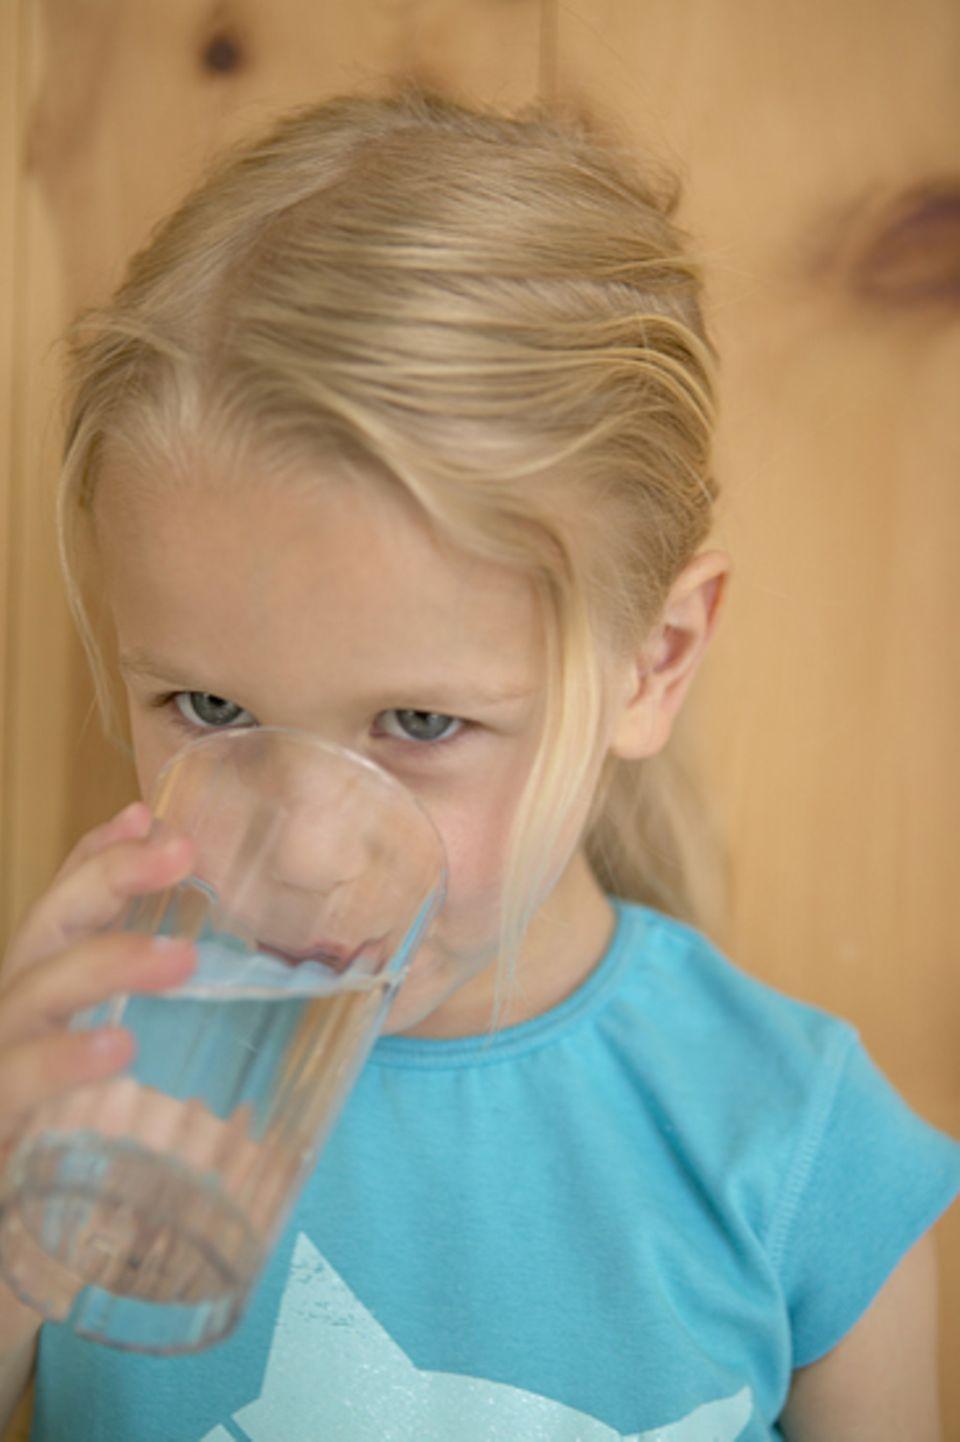 Umweltschutz: Trinkwasser – unser wichtigstes Lebensmittel